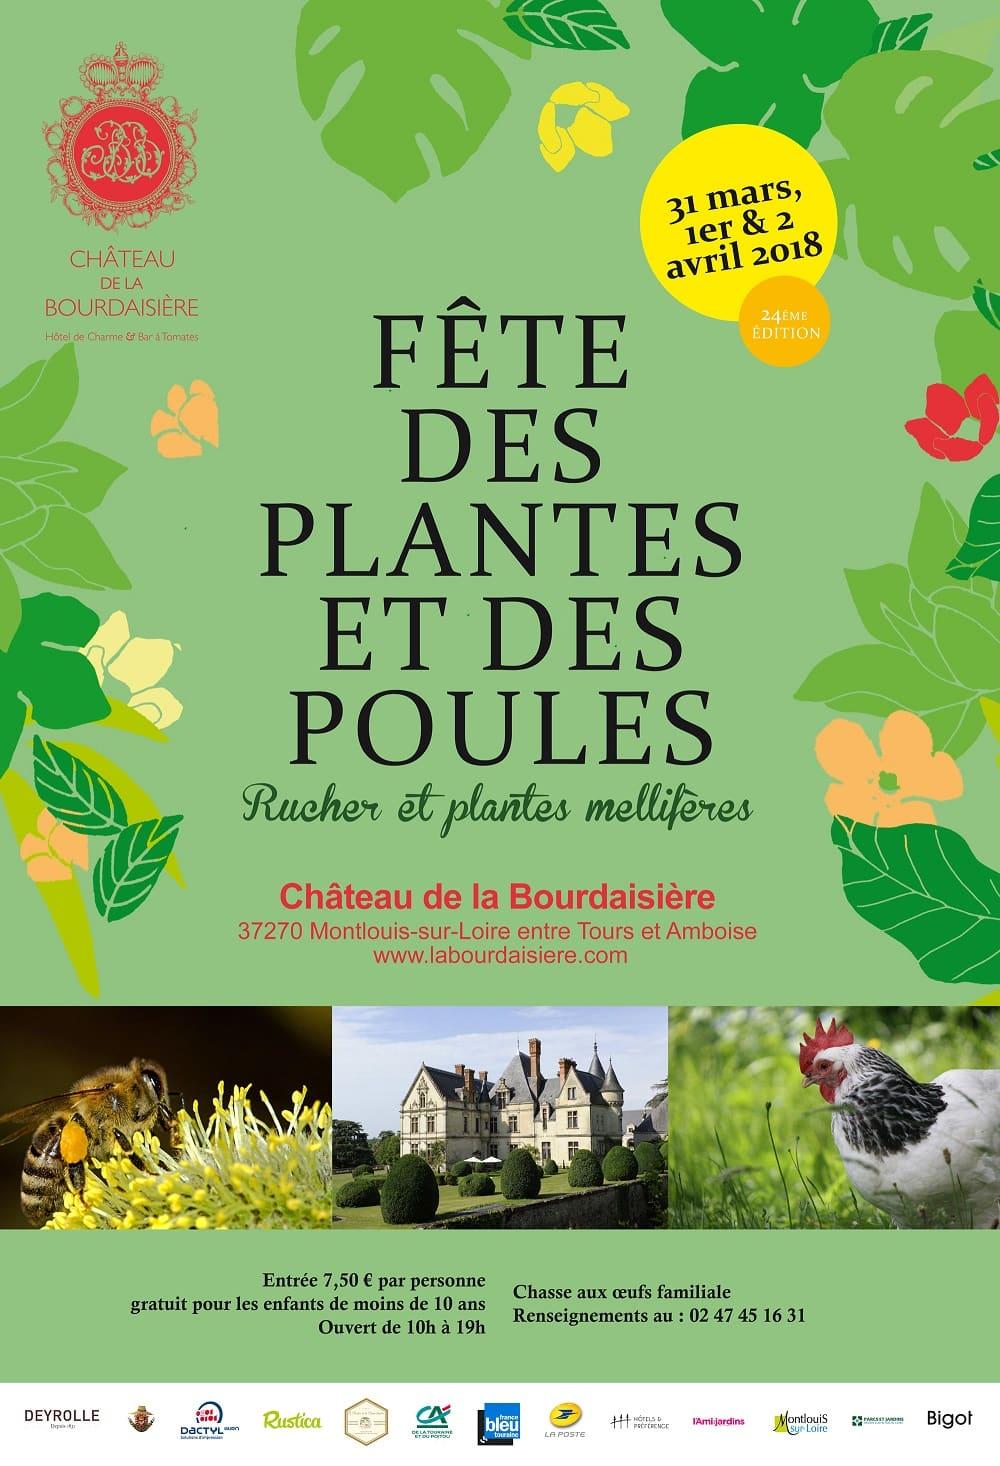 château de la bourdaisière fête des plantes 2018